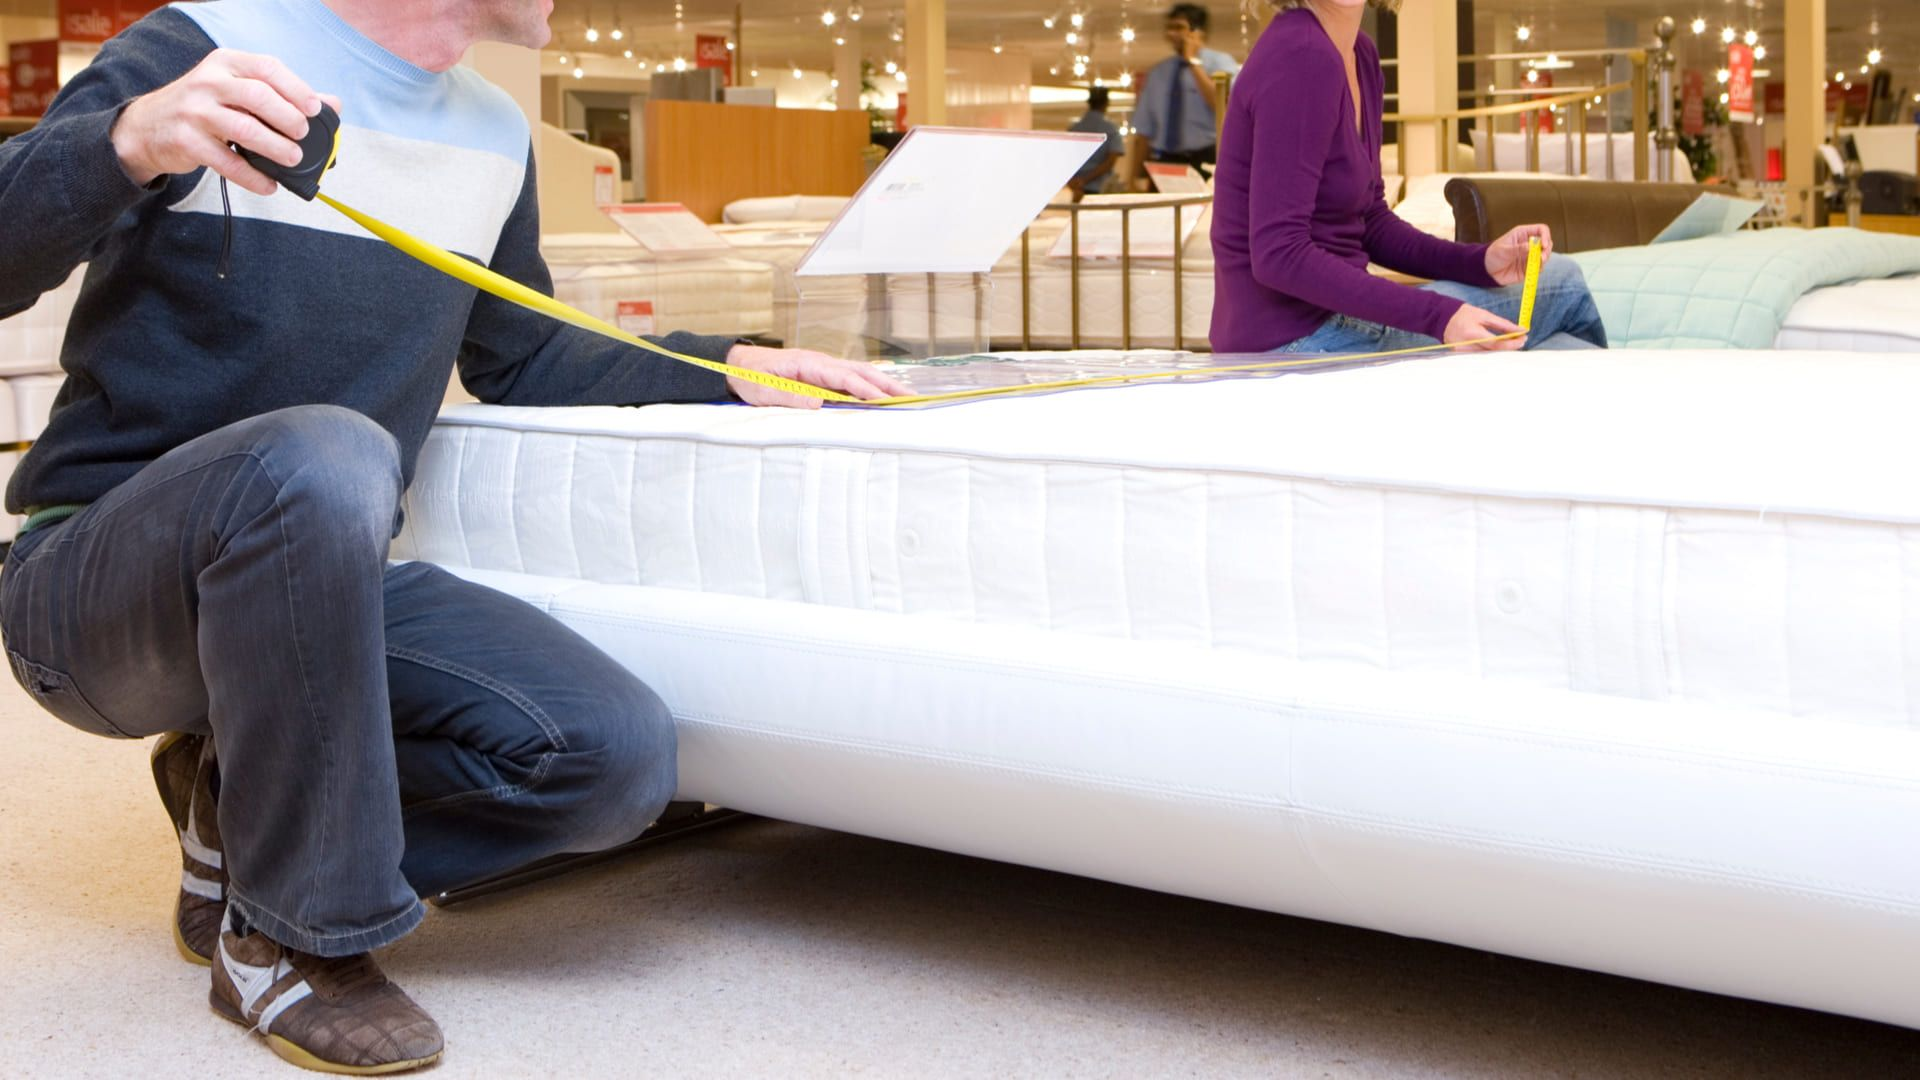 Descubra abaixo as medidas de cama existentes para compra. (Imagem: Reprodução/Shutterstock)